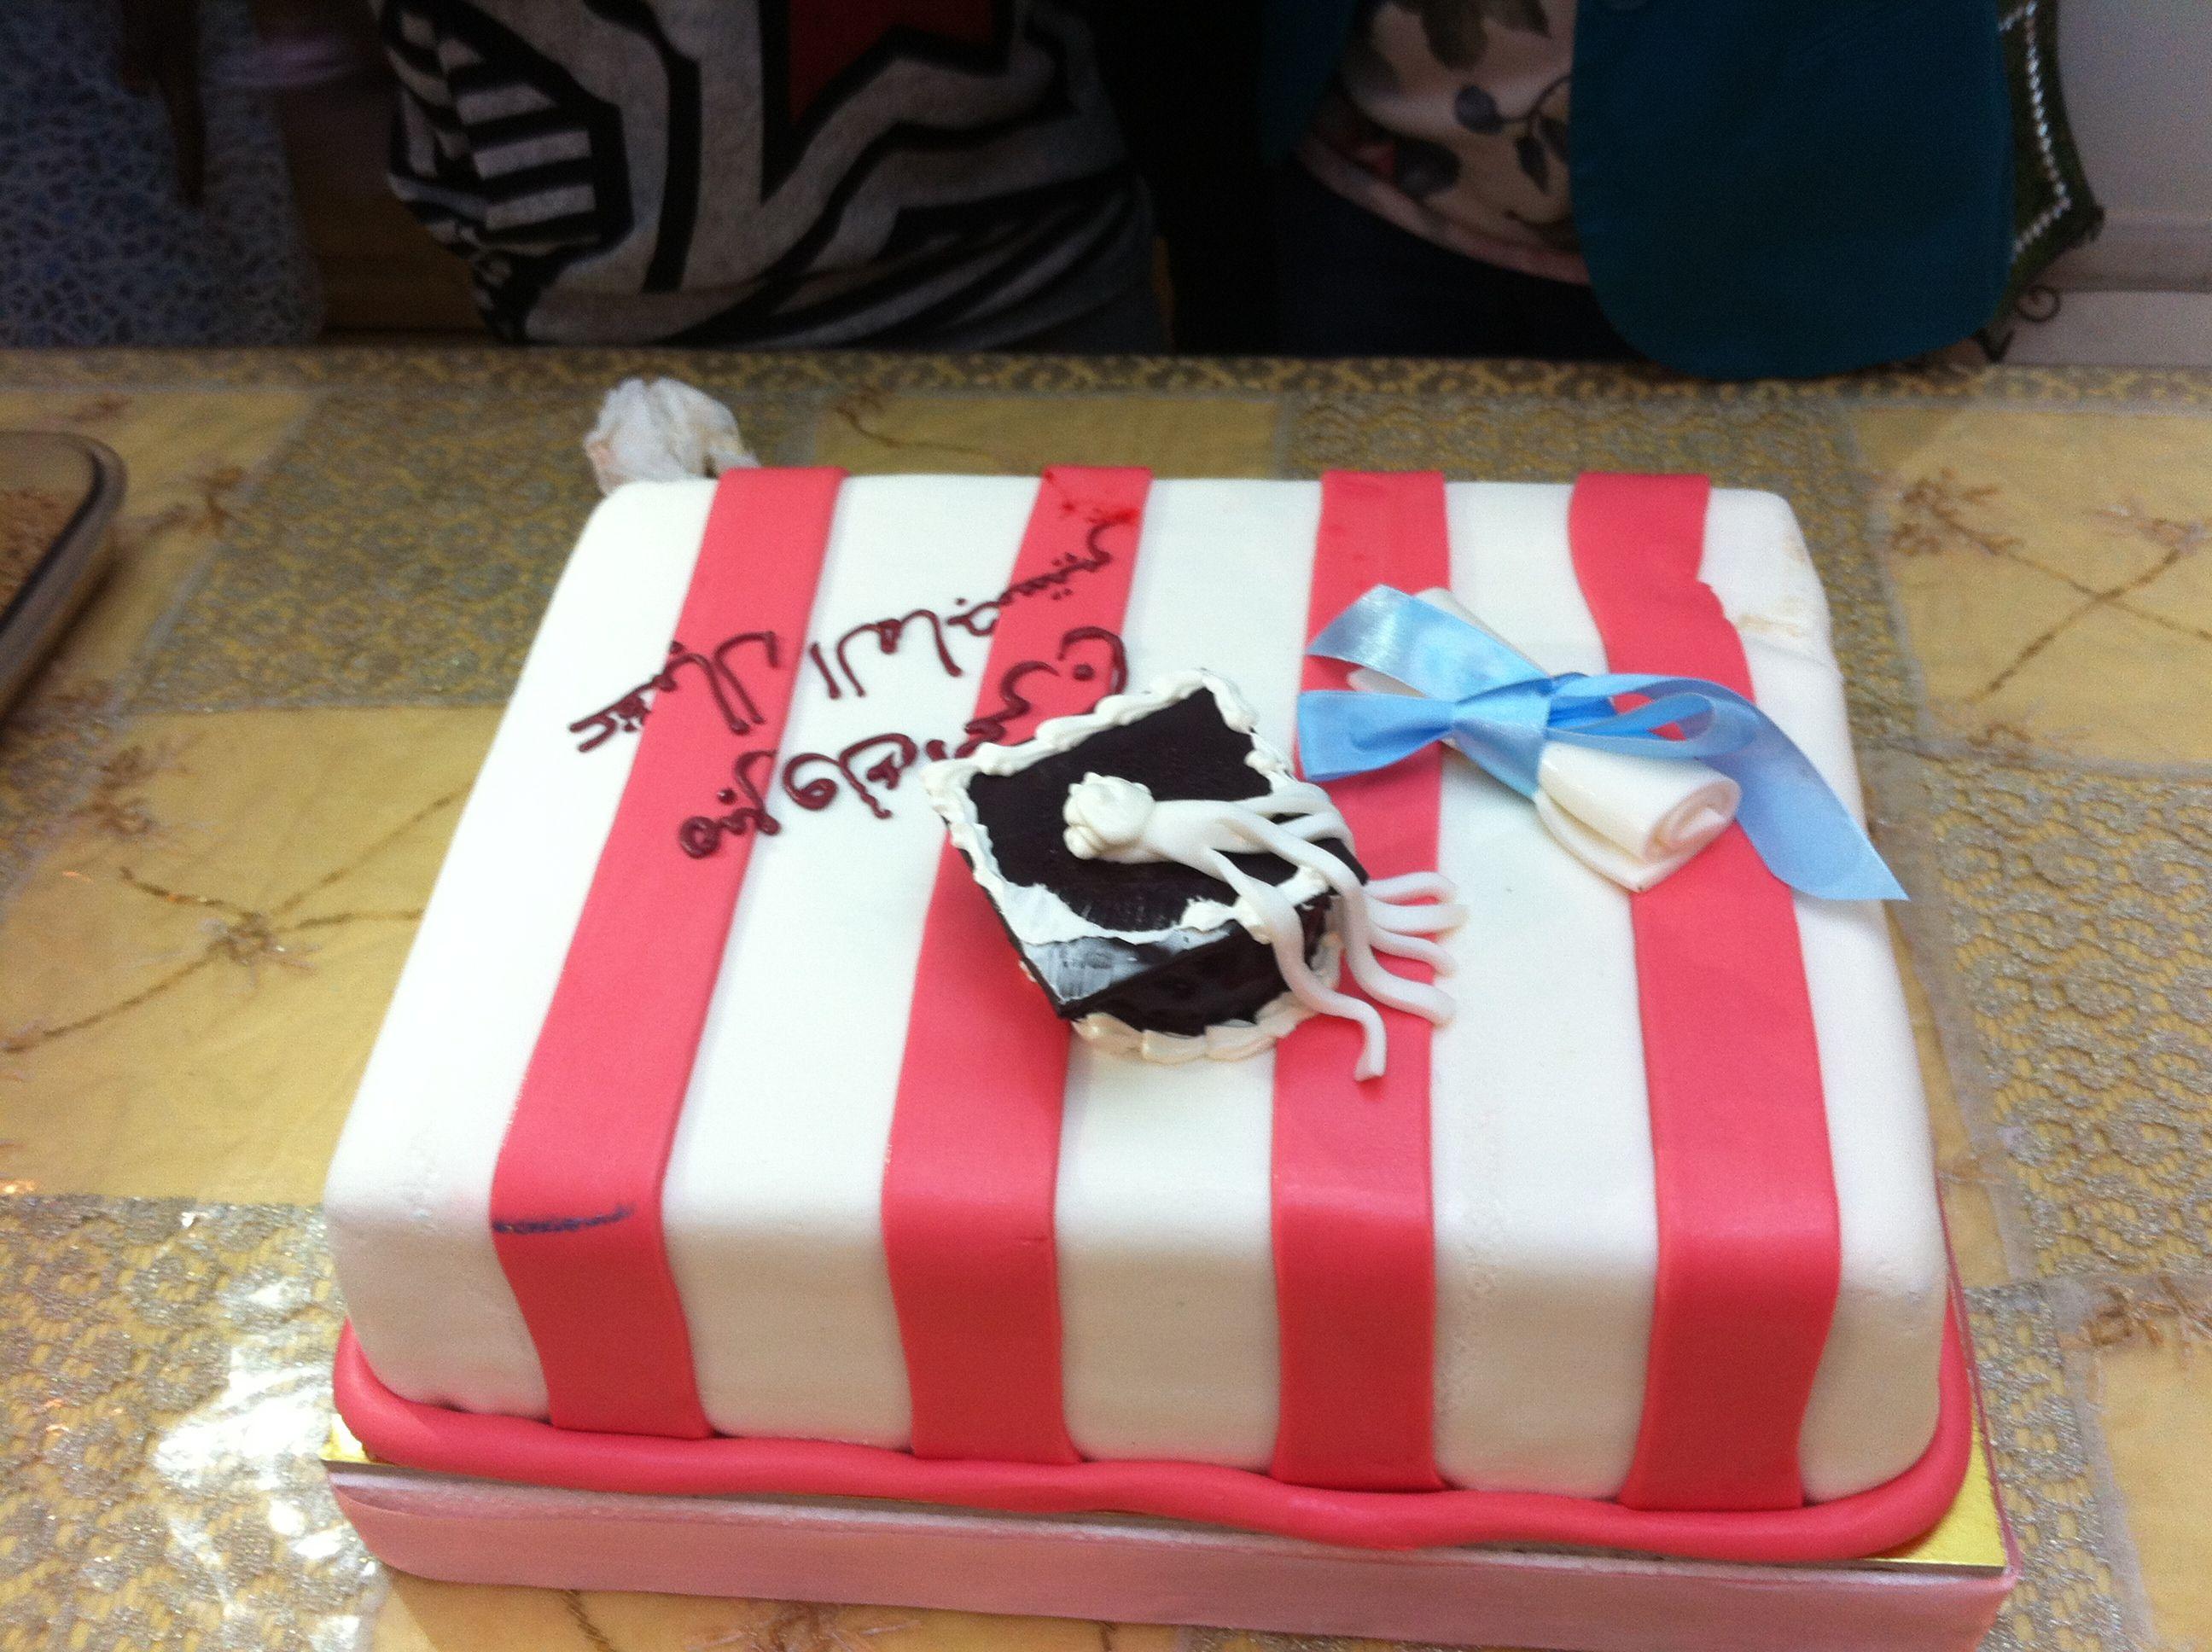 كيكة تخرج من حلويات سعد الدين في السعودية Desserts Cake Sweet